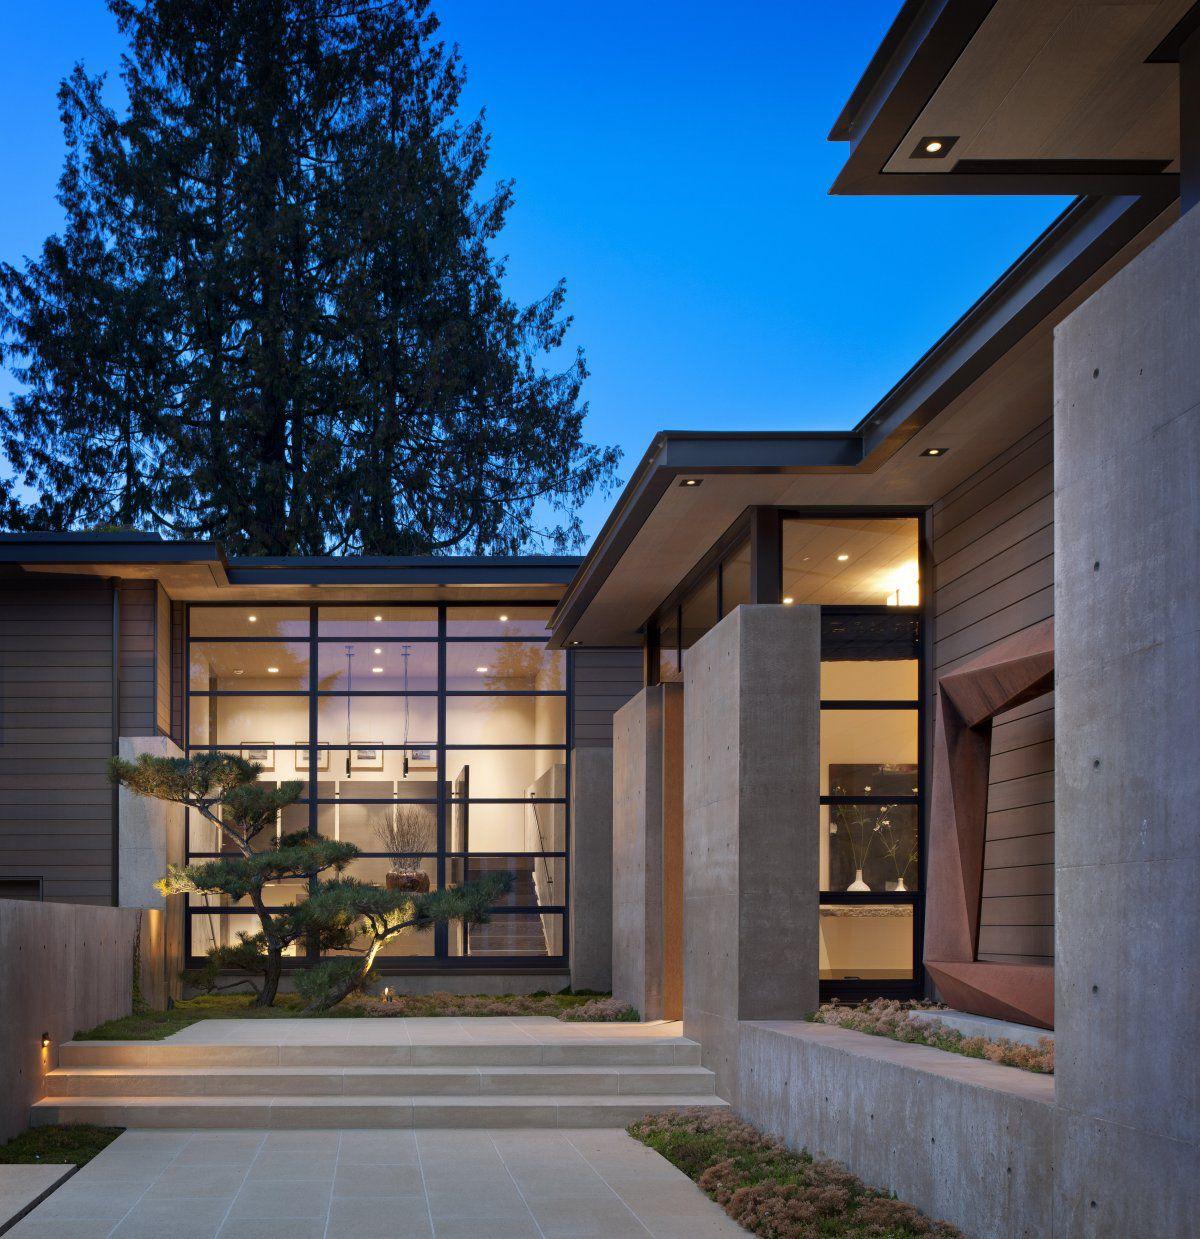 Washington-Park-Residence-02